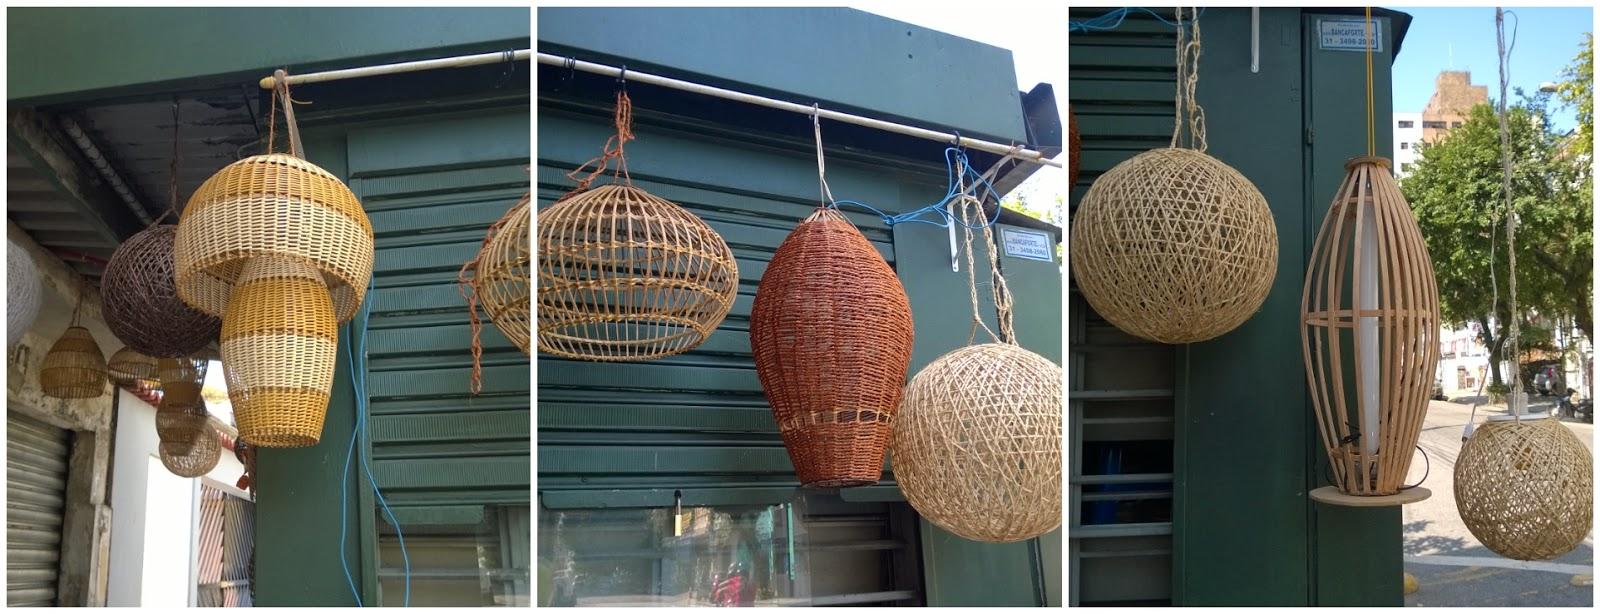 Banca de produtos artesanais na cidade de Santos